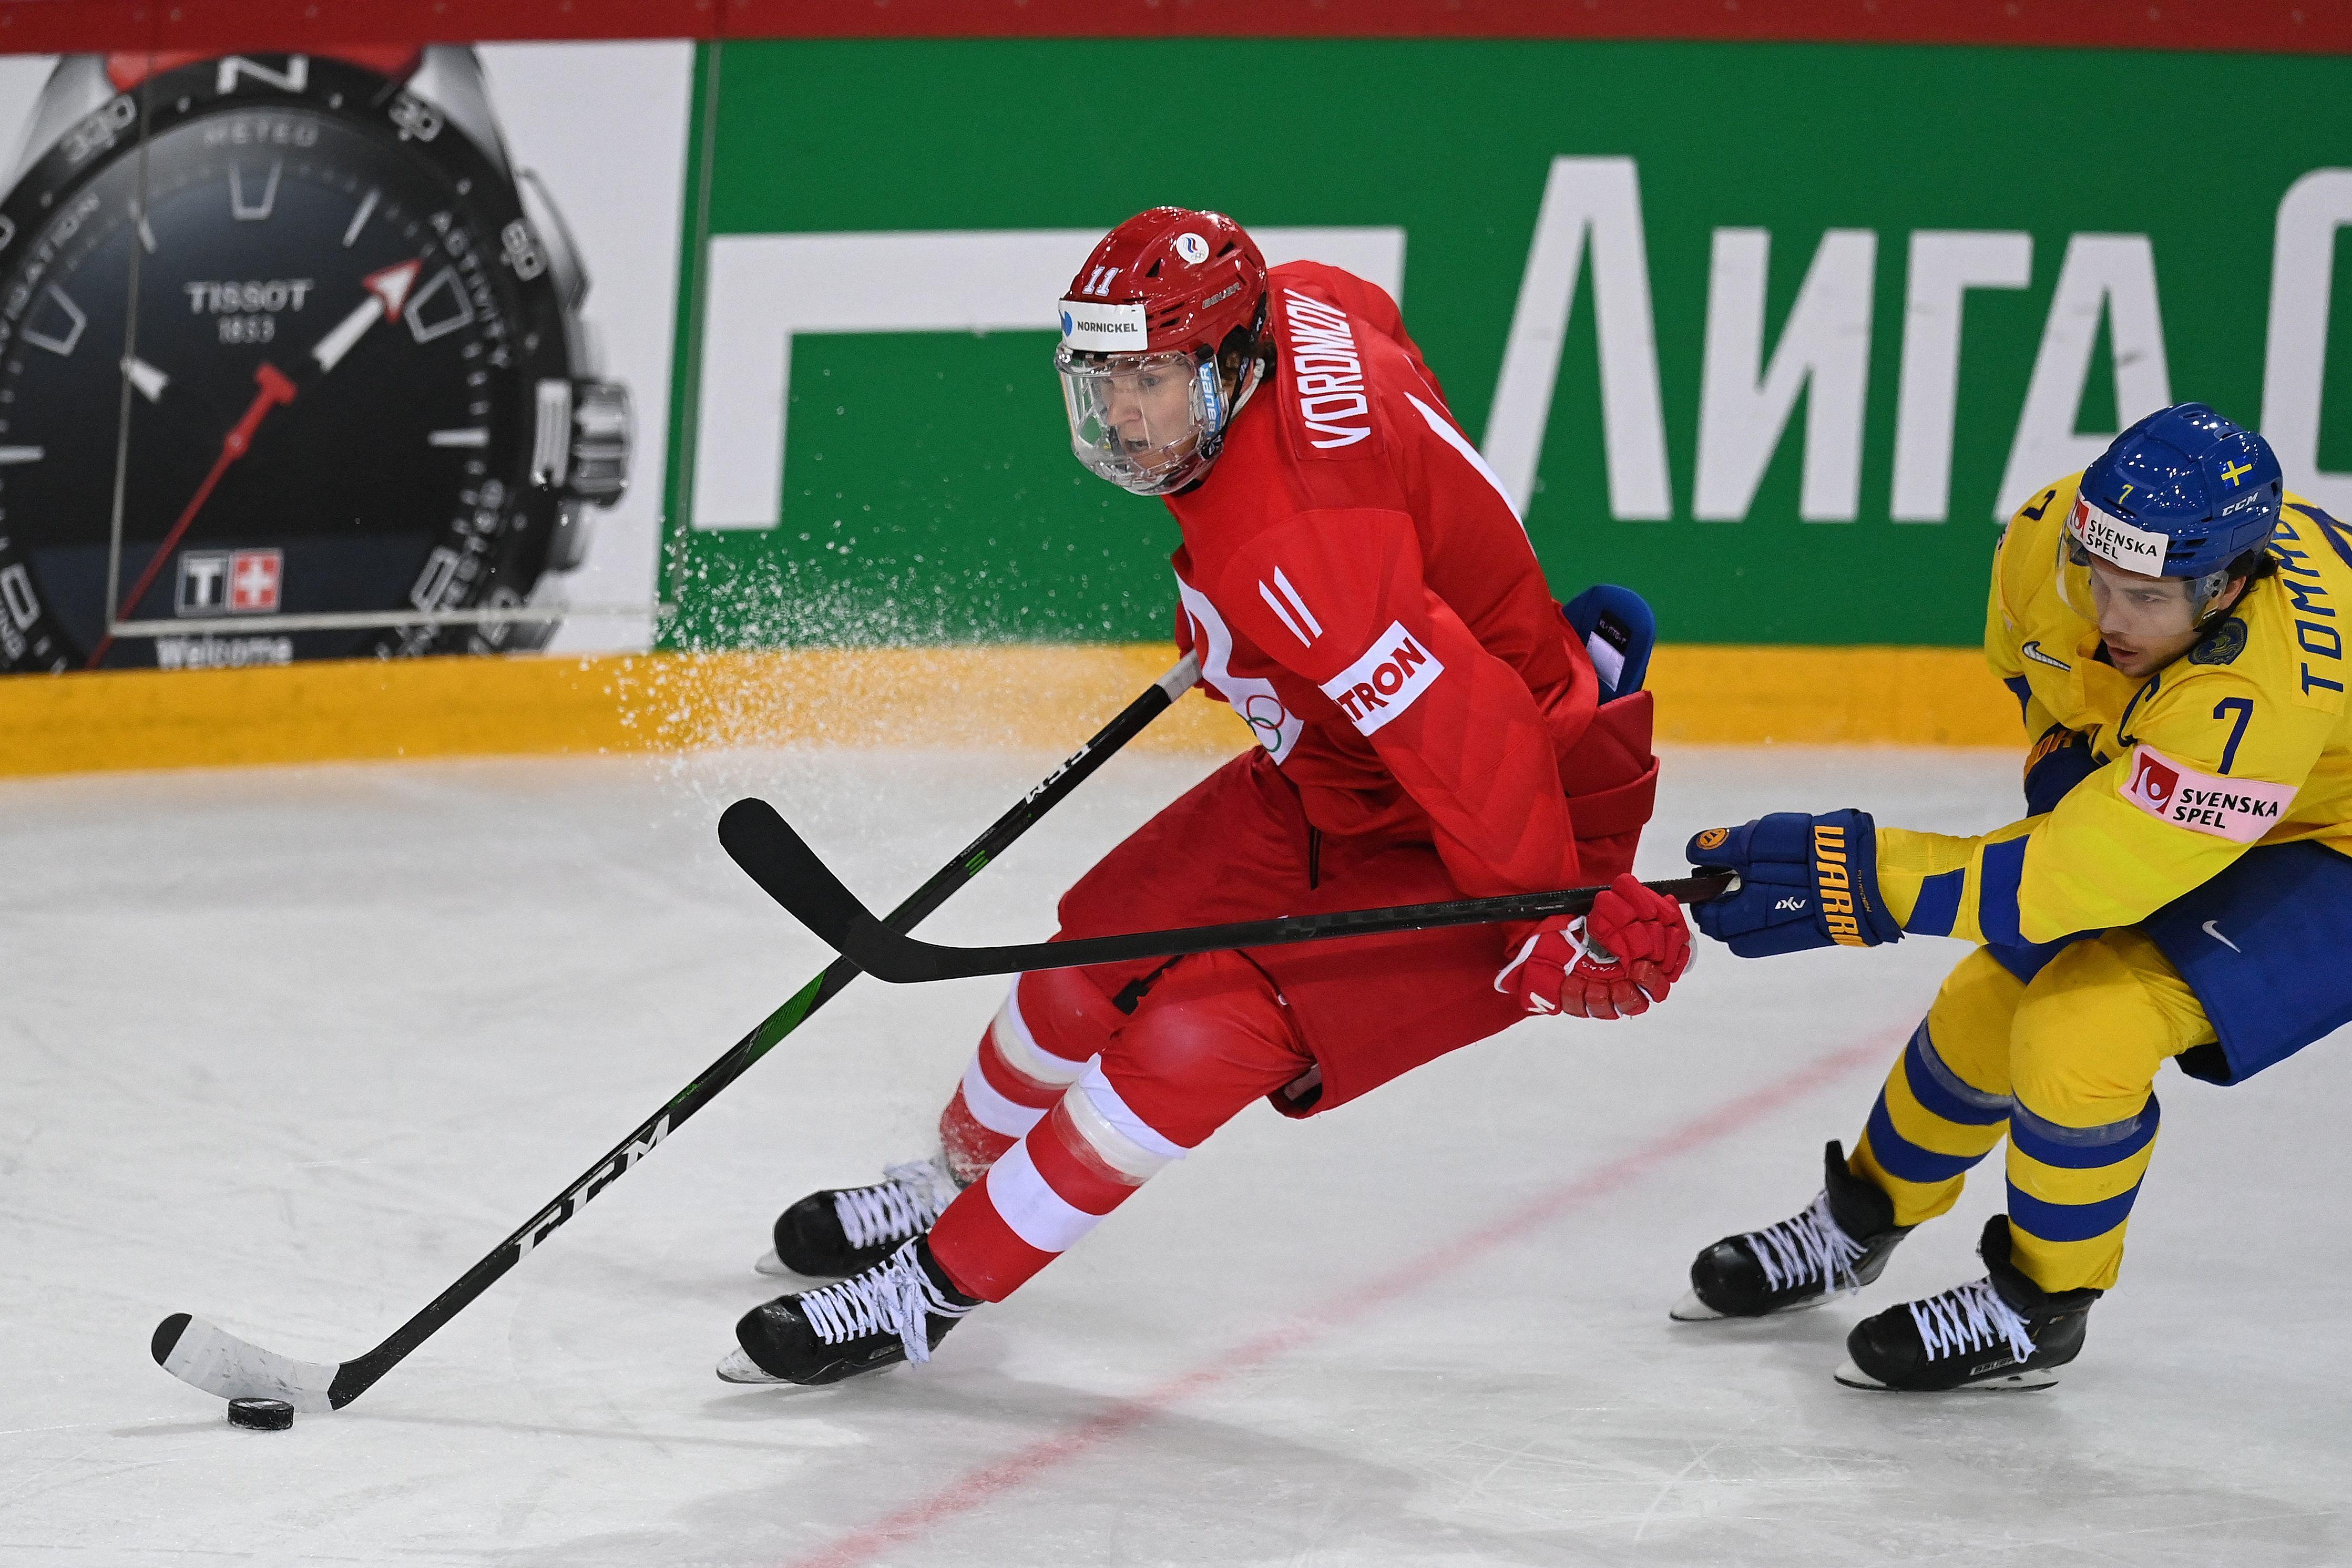 IHOCKEY-WC-IIHF-RUS-SWE